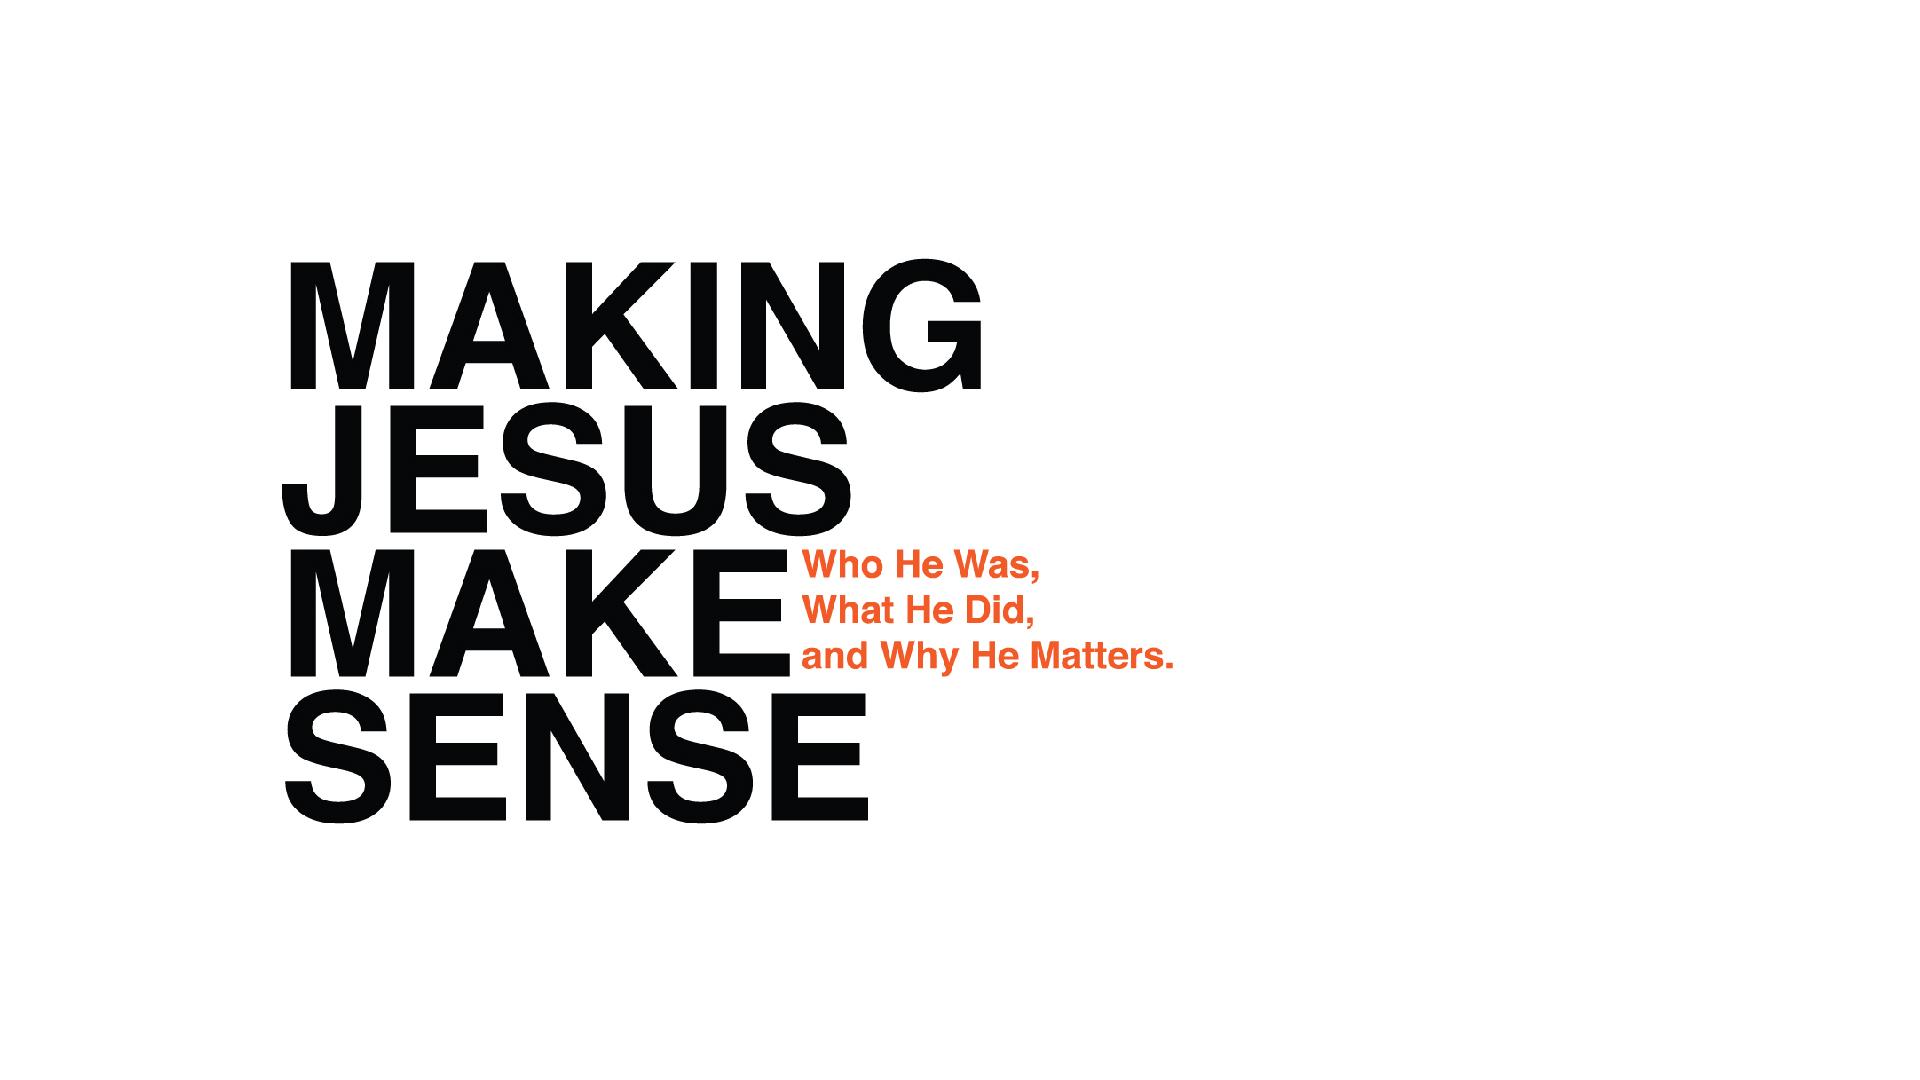 Making Jesus Make Sense Image